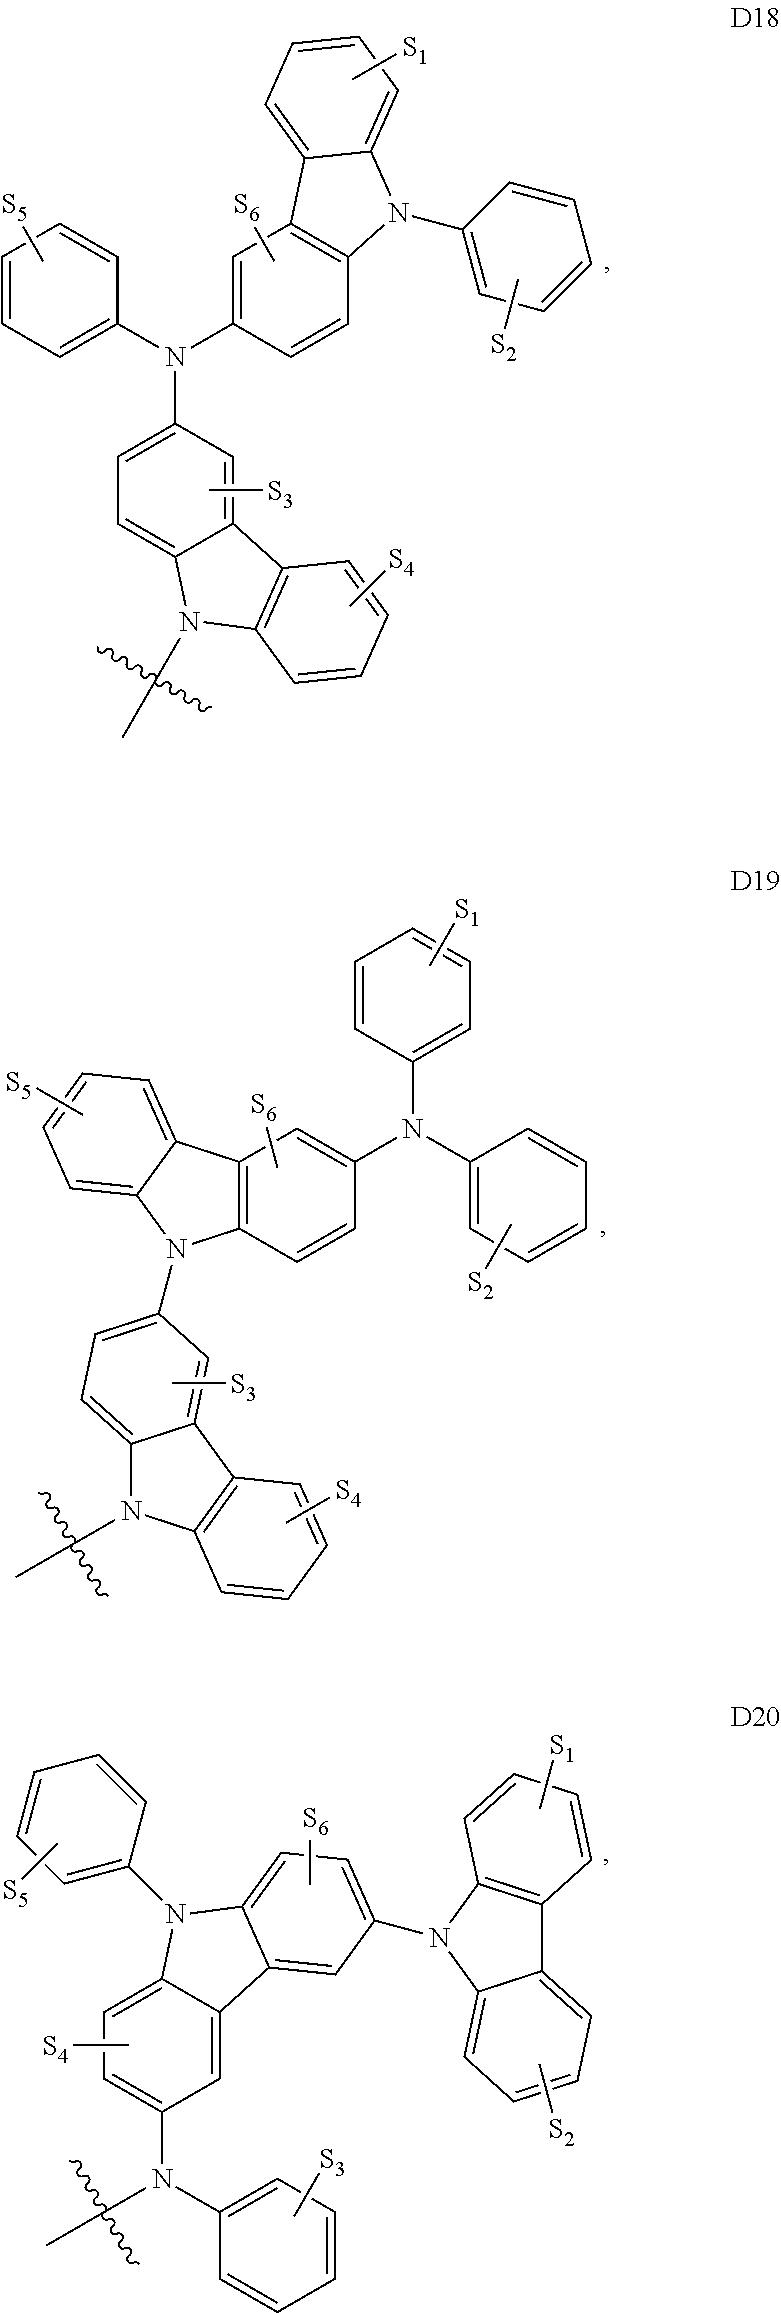 Figure US09537106-20170103-C00015